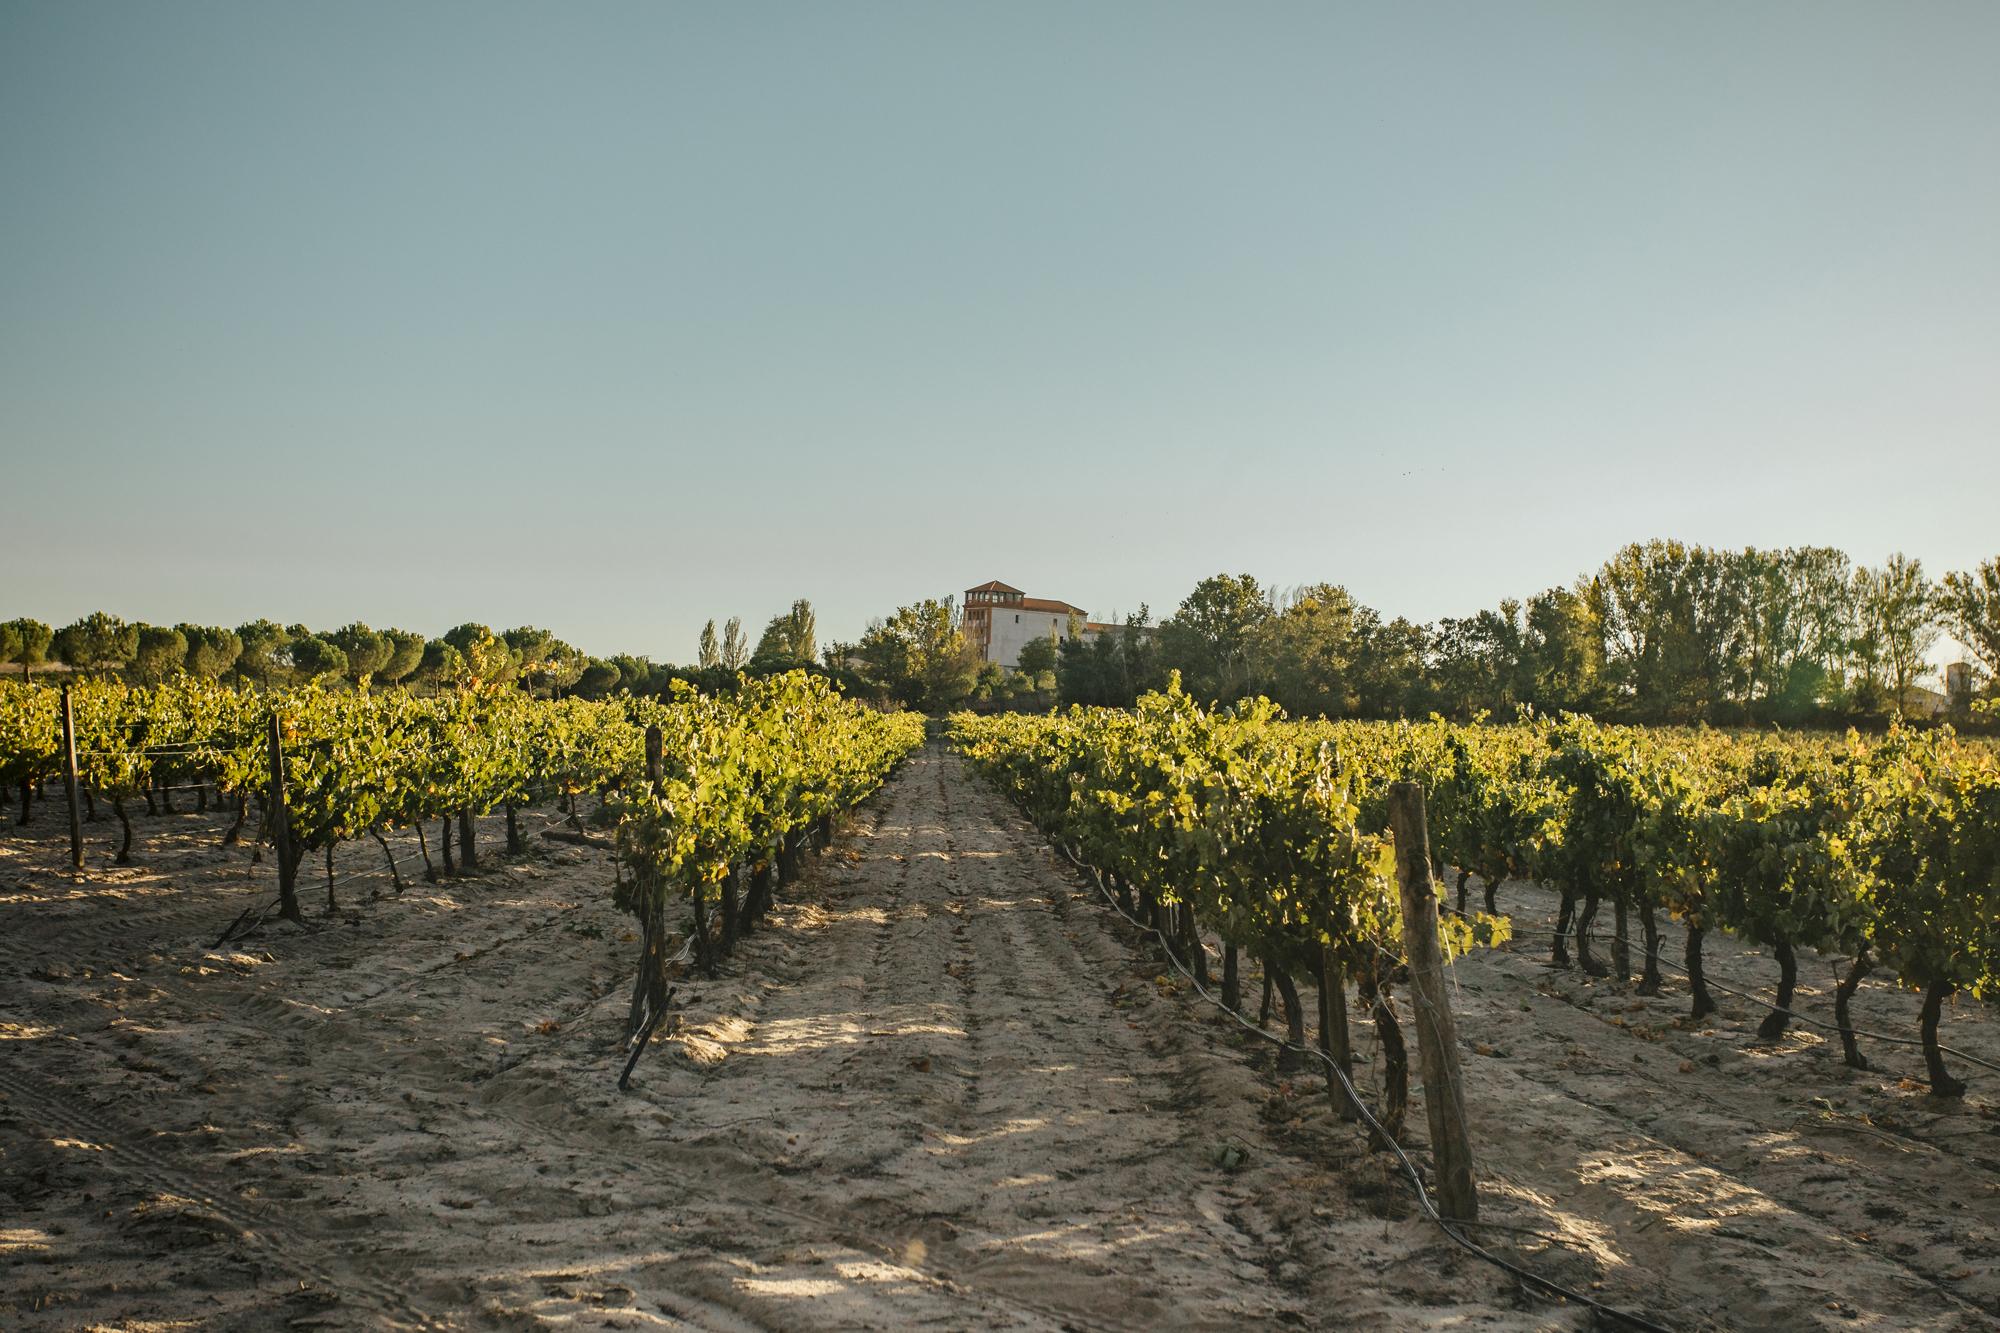 La Mejorada produce vinos bajo la Indicación Geográfica Protegida de Castilla y León